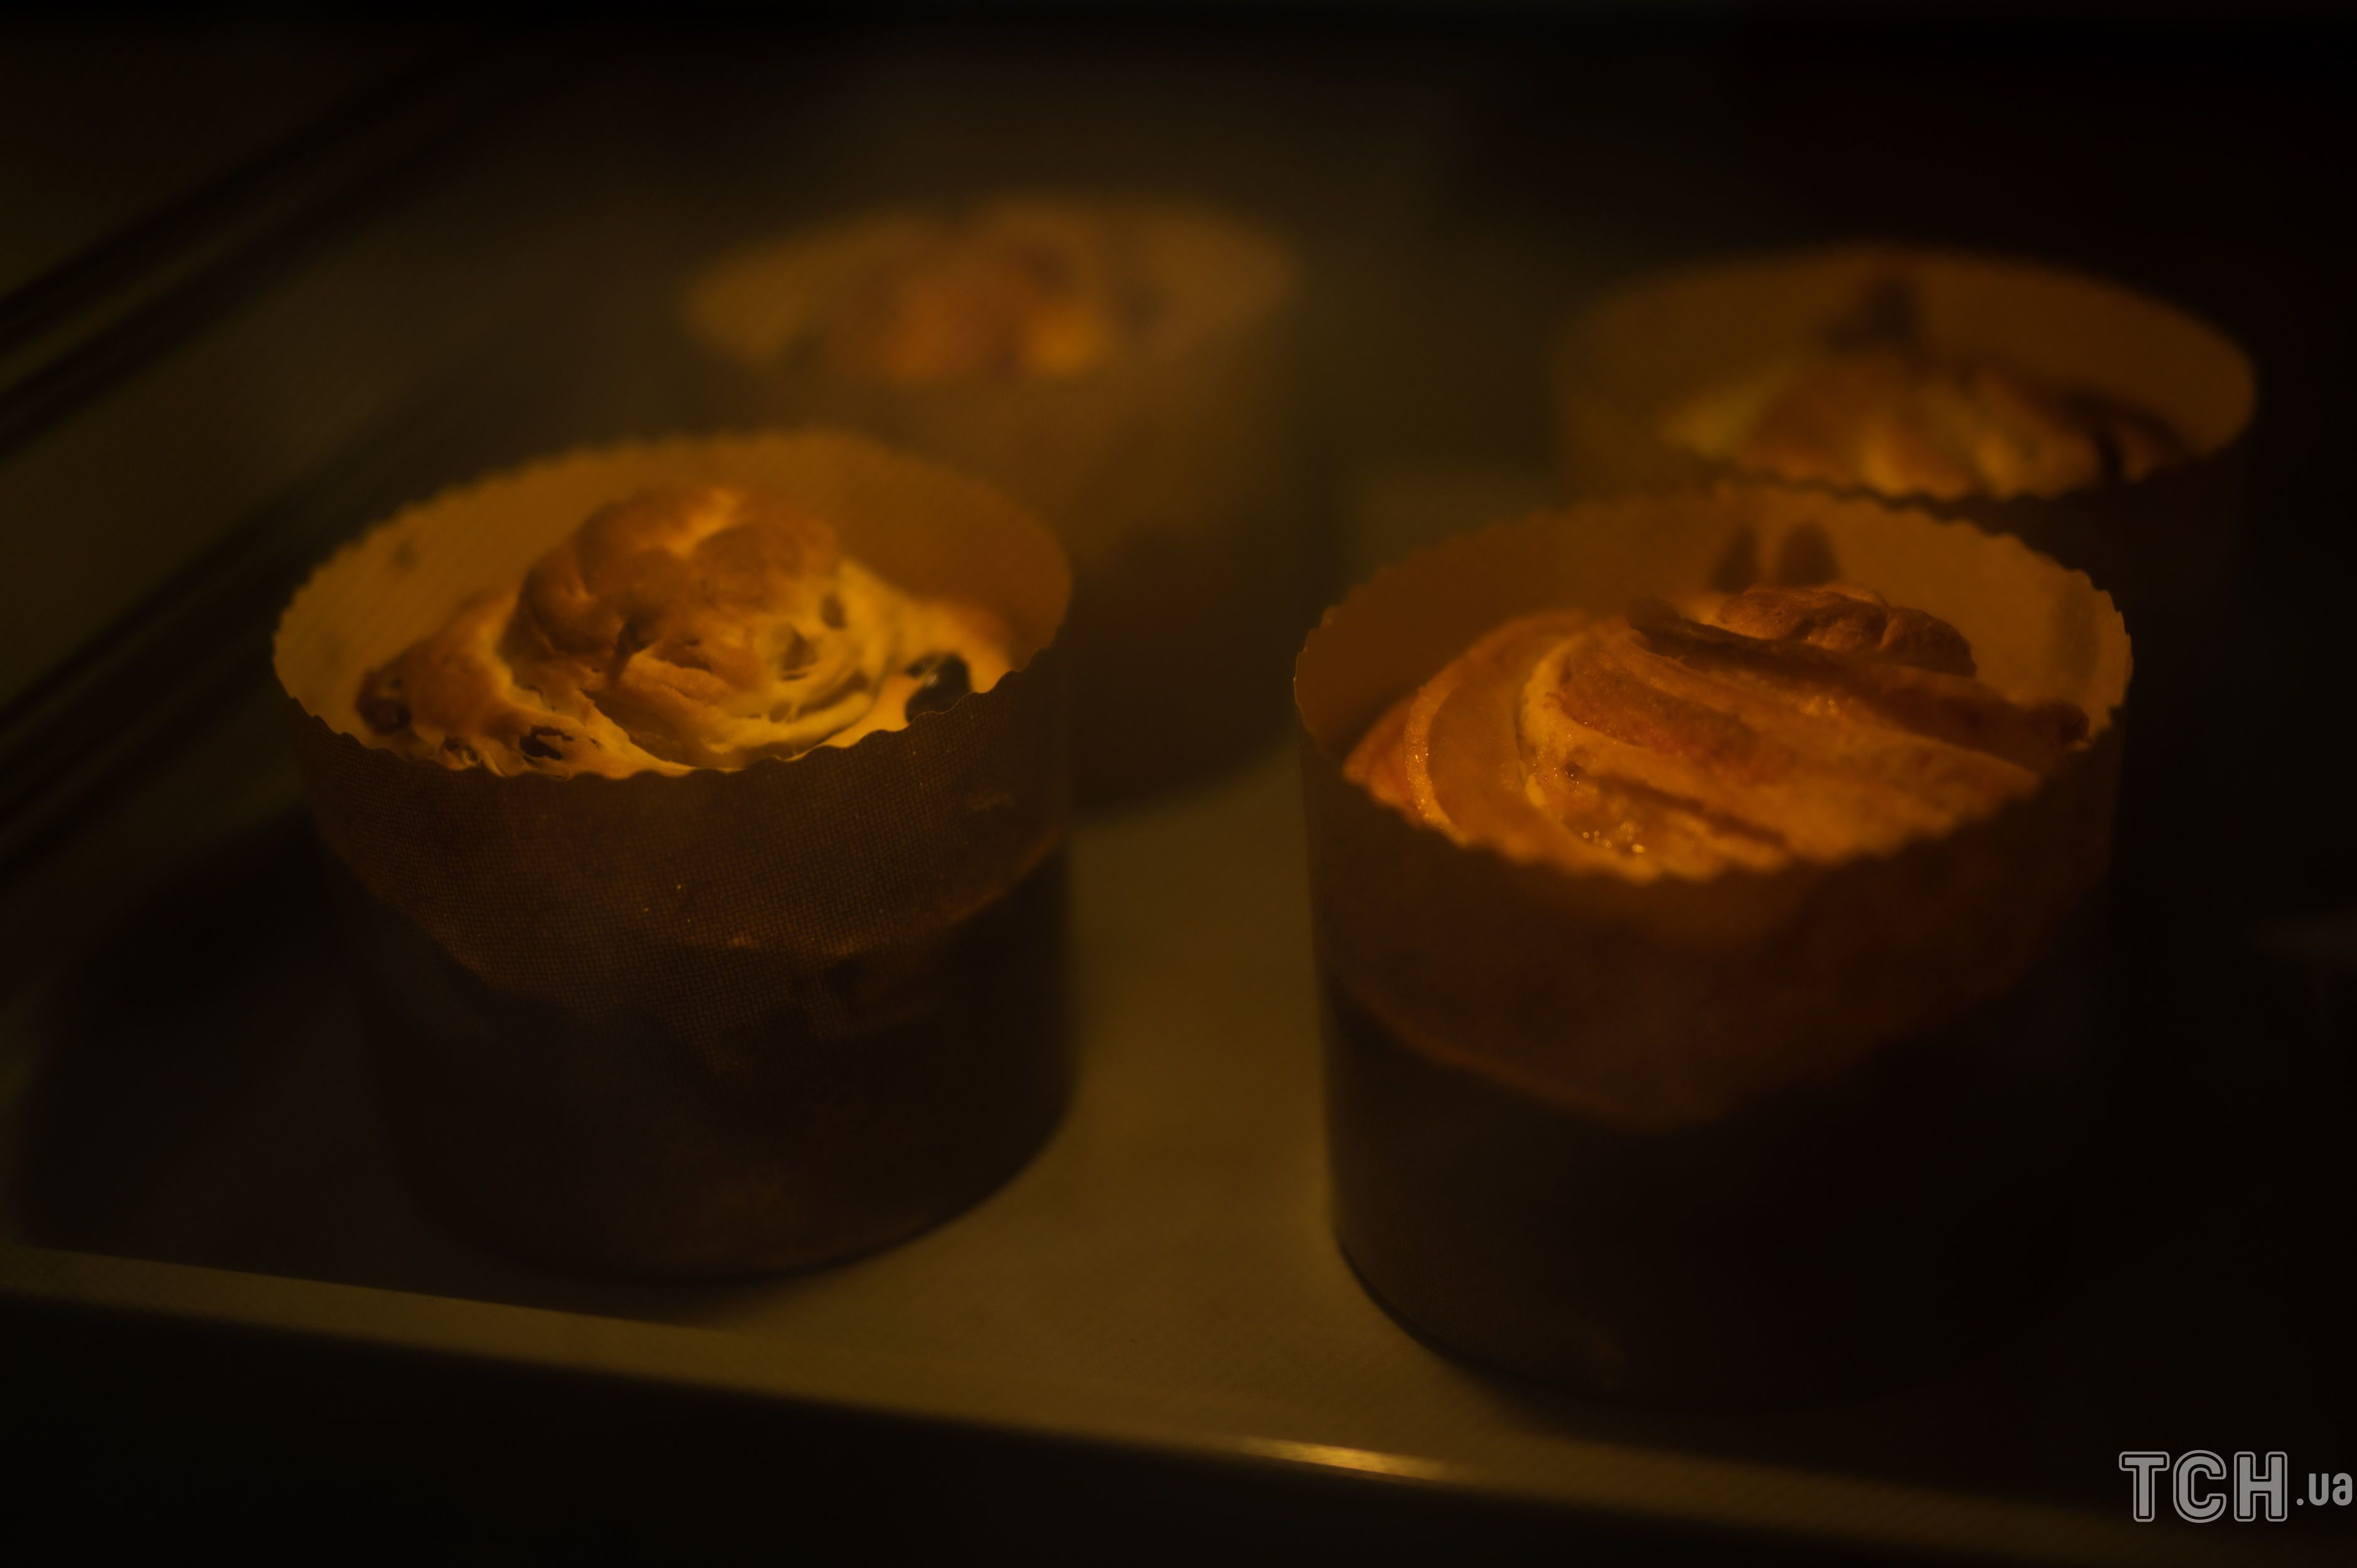 краффин, паска краффин, выпечка, Пасха 2021, рецепты_3